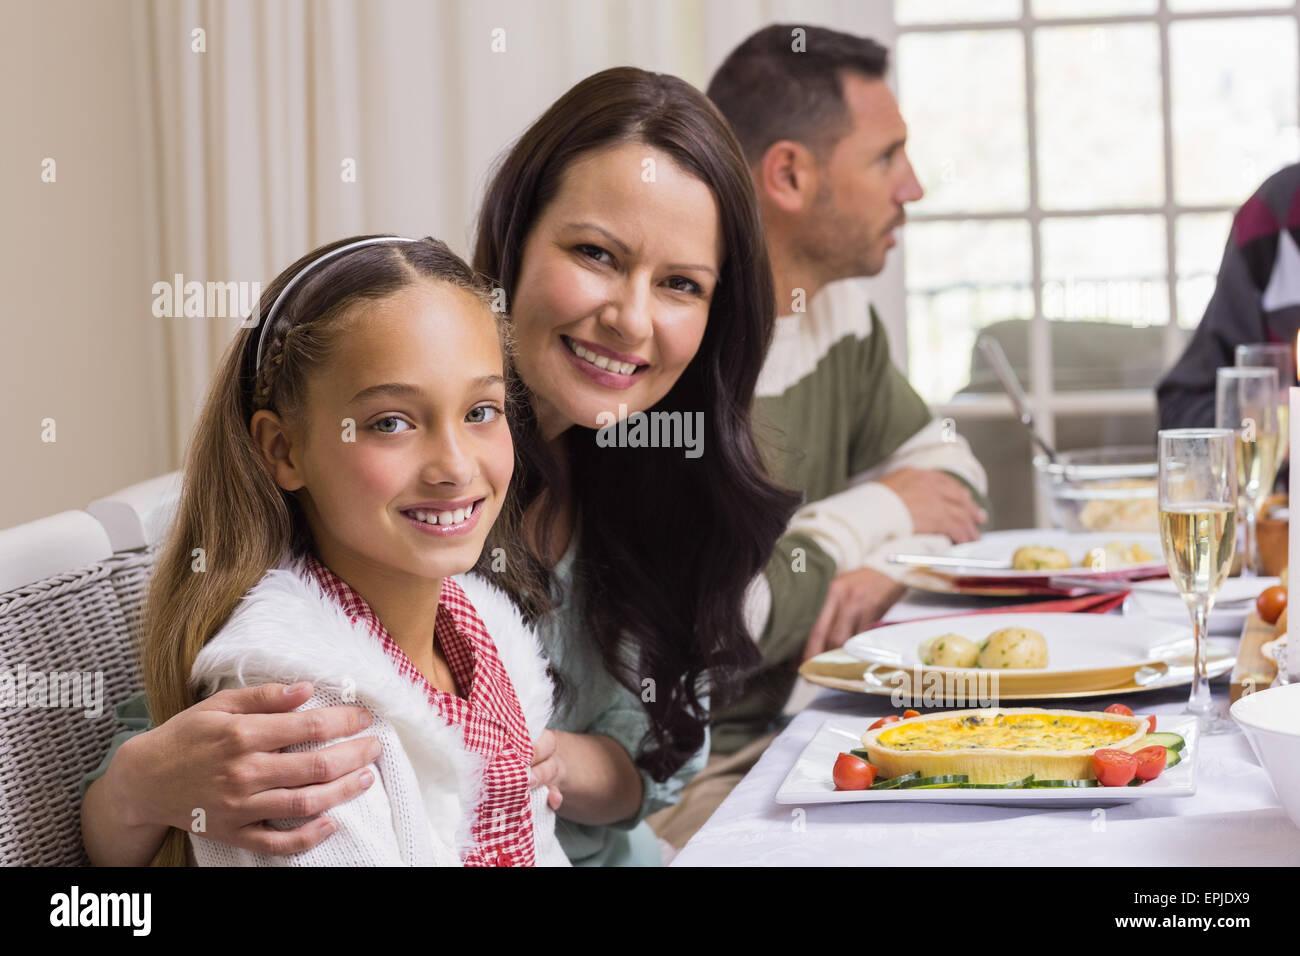 Mädchen und Mutter am Weihnachtsessen lächelnd in die Kamera Stockbild